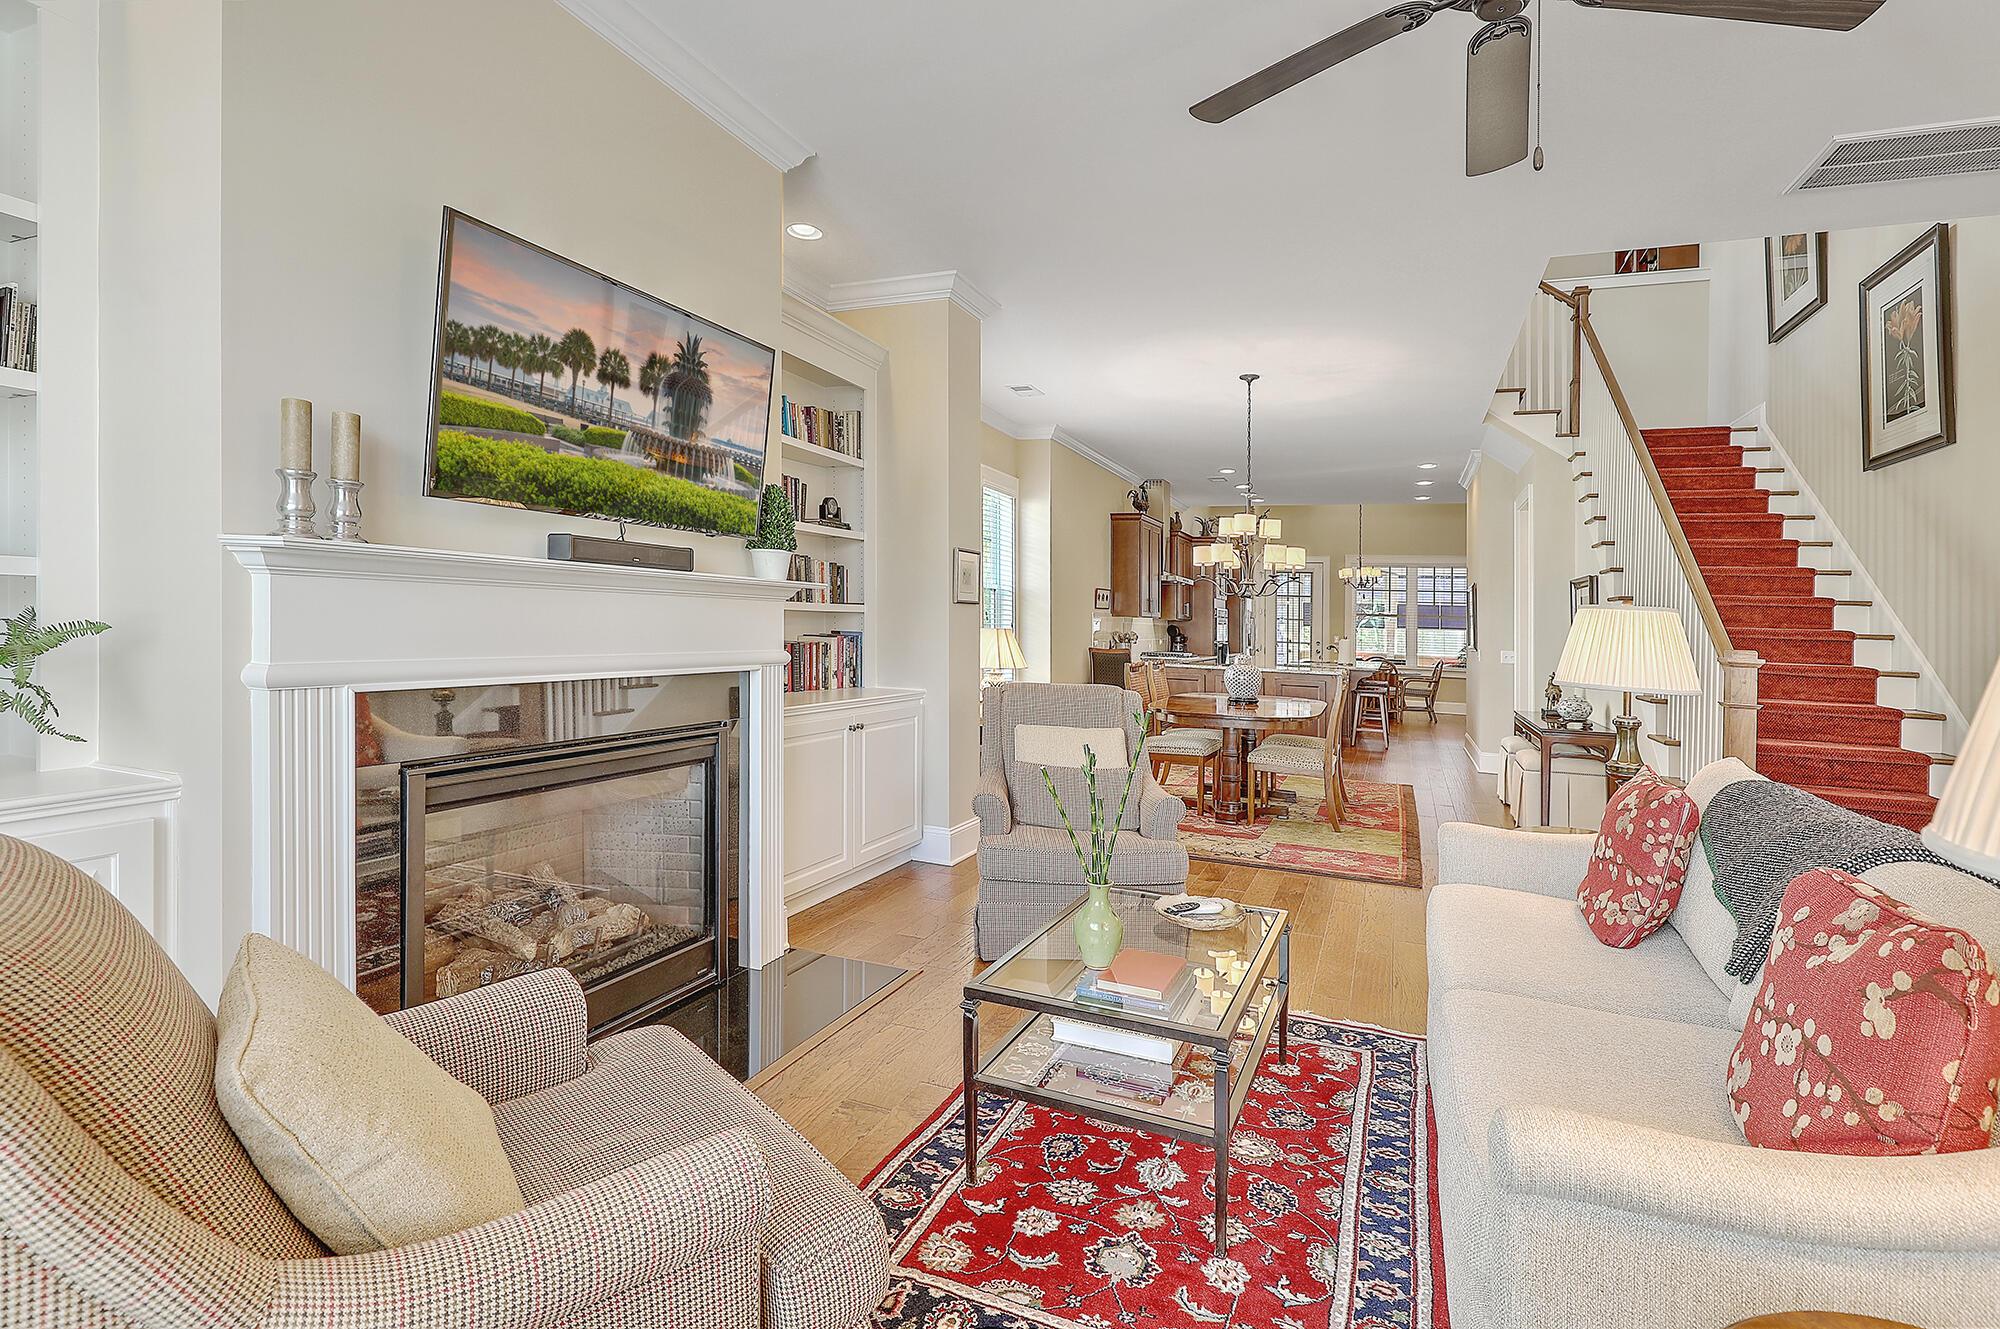 Dunes West Homes For Sale - 3171 Sturbridge, Mount Pleasant, SC - 1